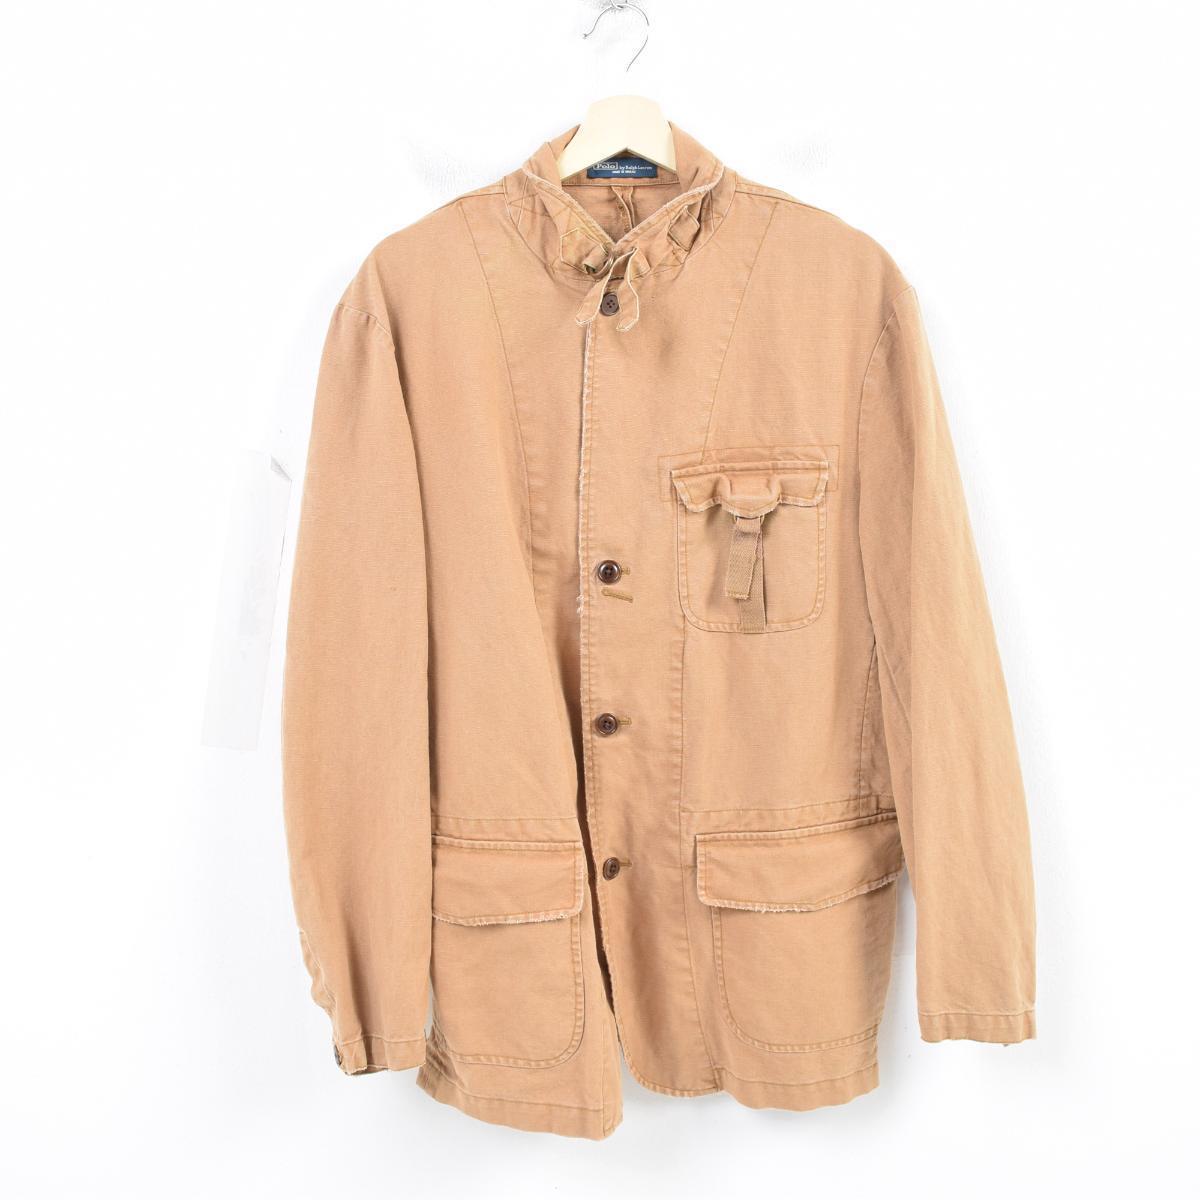 e3767050d Ralph Lauren Ralph Lauren POLO by Ralph Lauren cotton linen jacket safari  jacket men L ...